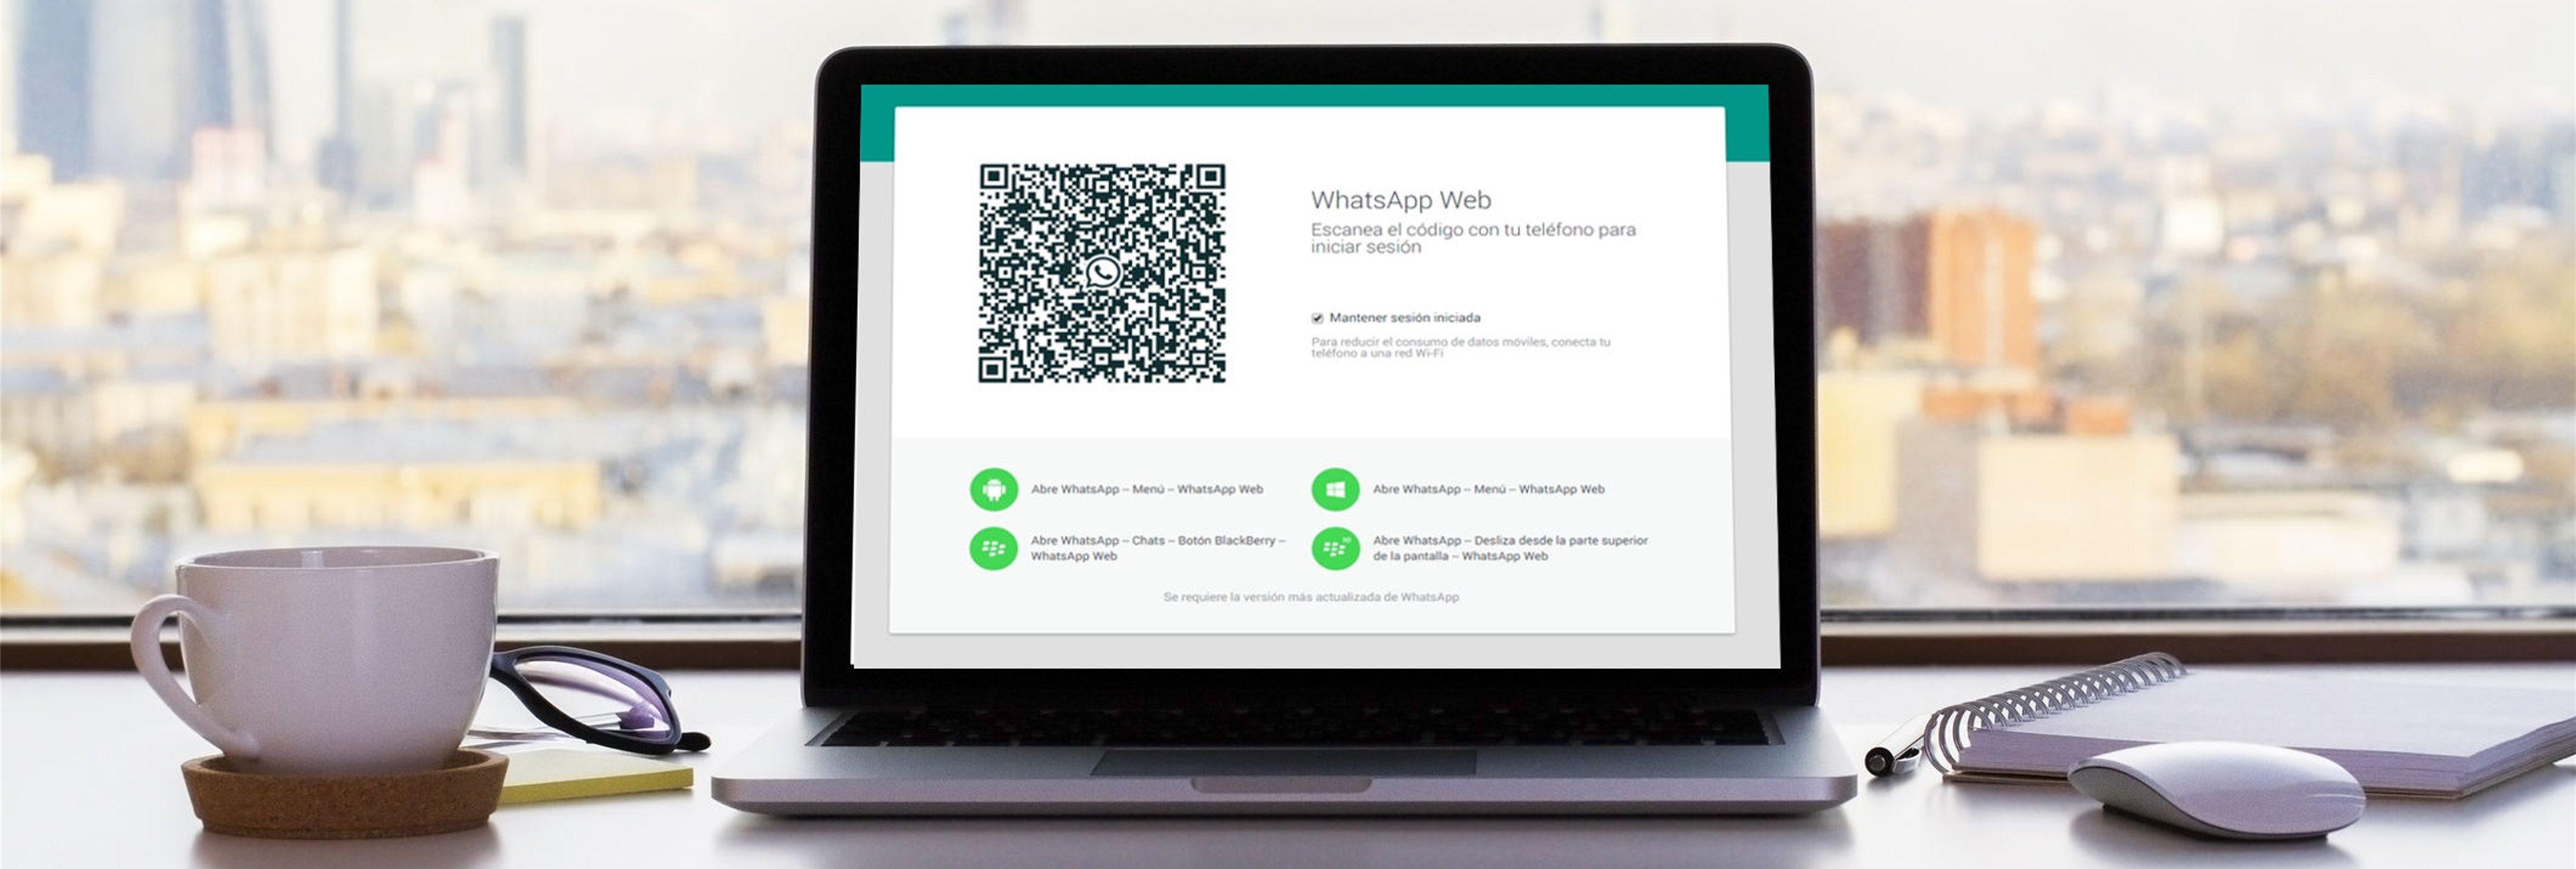 Peligros y riesgos de usar WhatsApp Web en el ordenador del trabajo